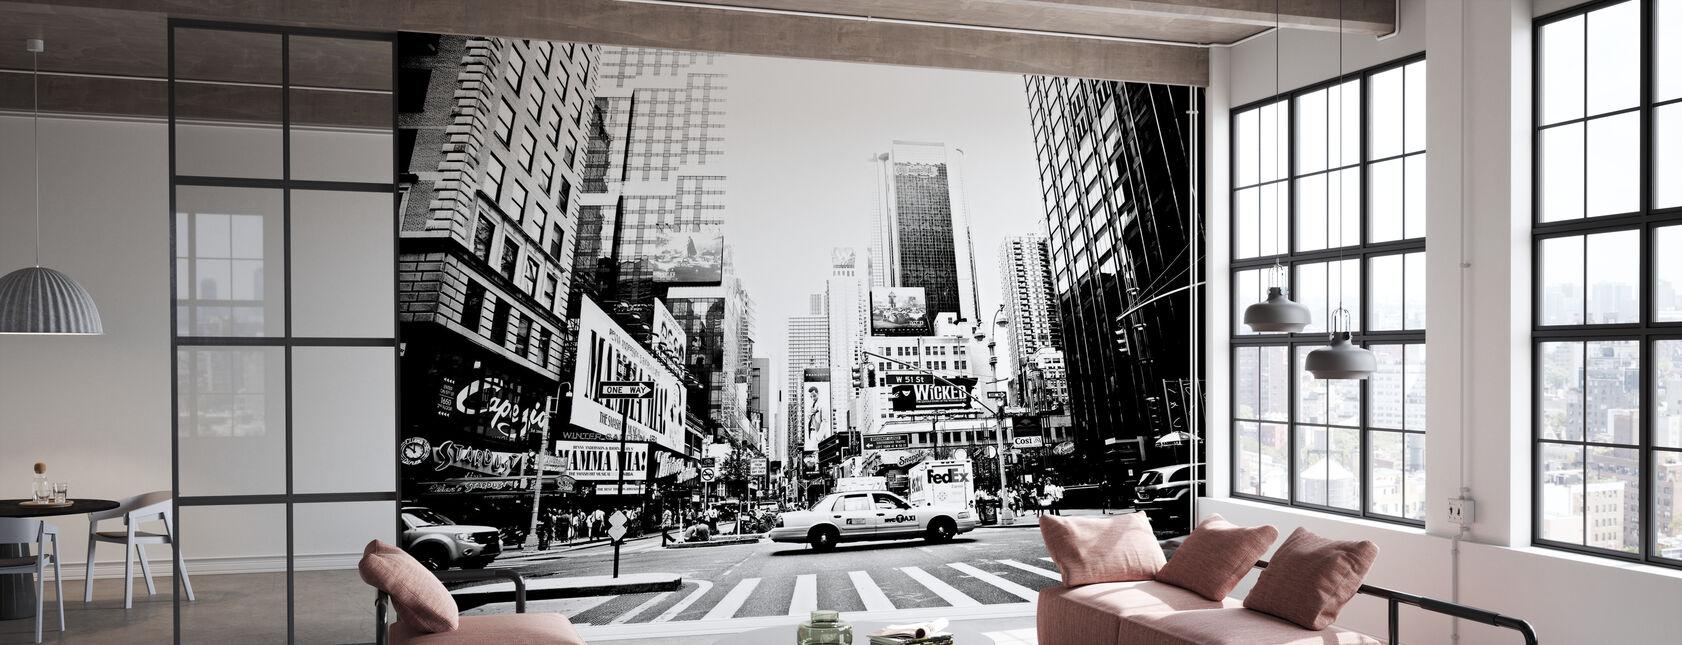 Drukke Times Square, New York - Behang - Kantoor